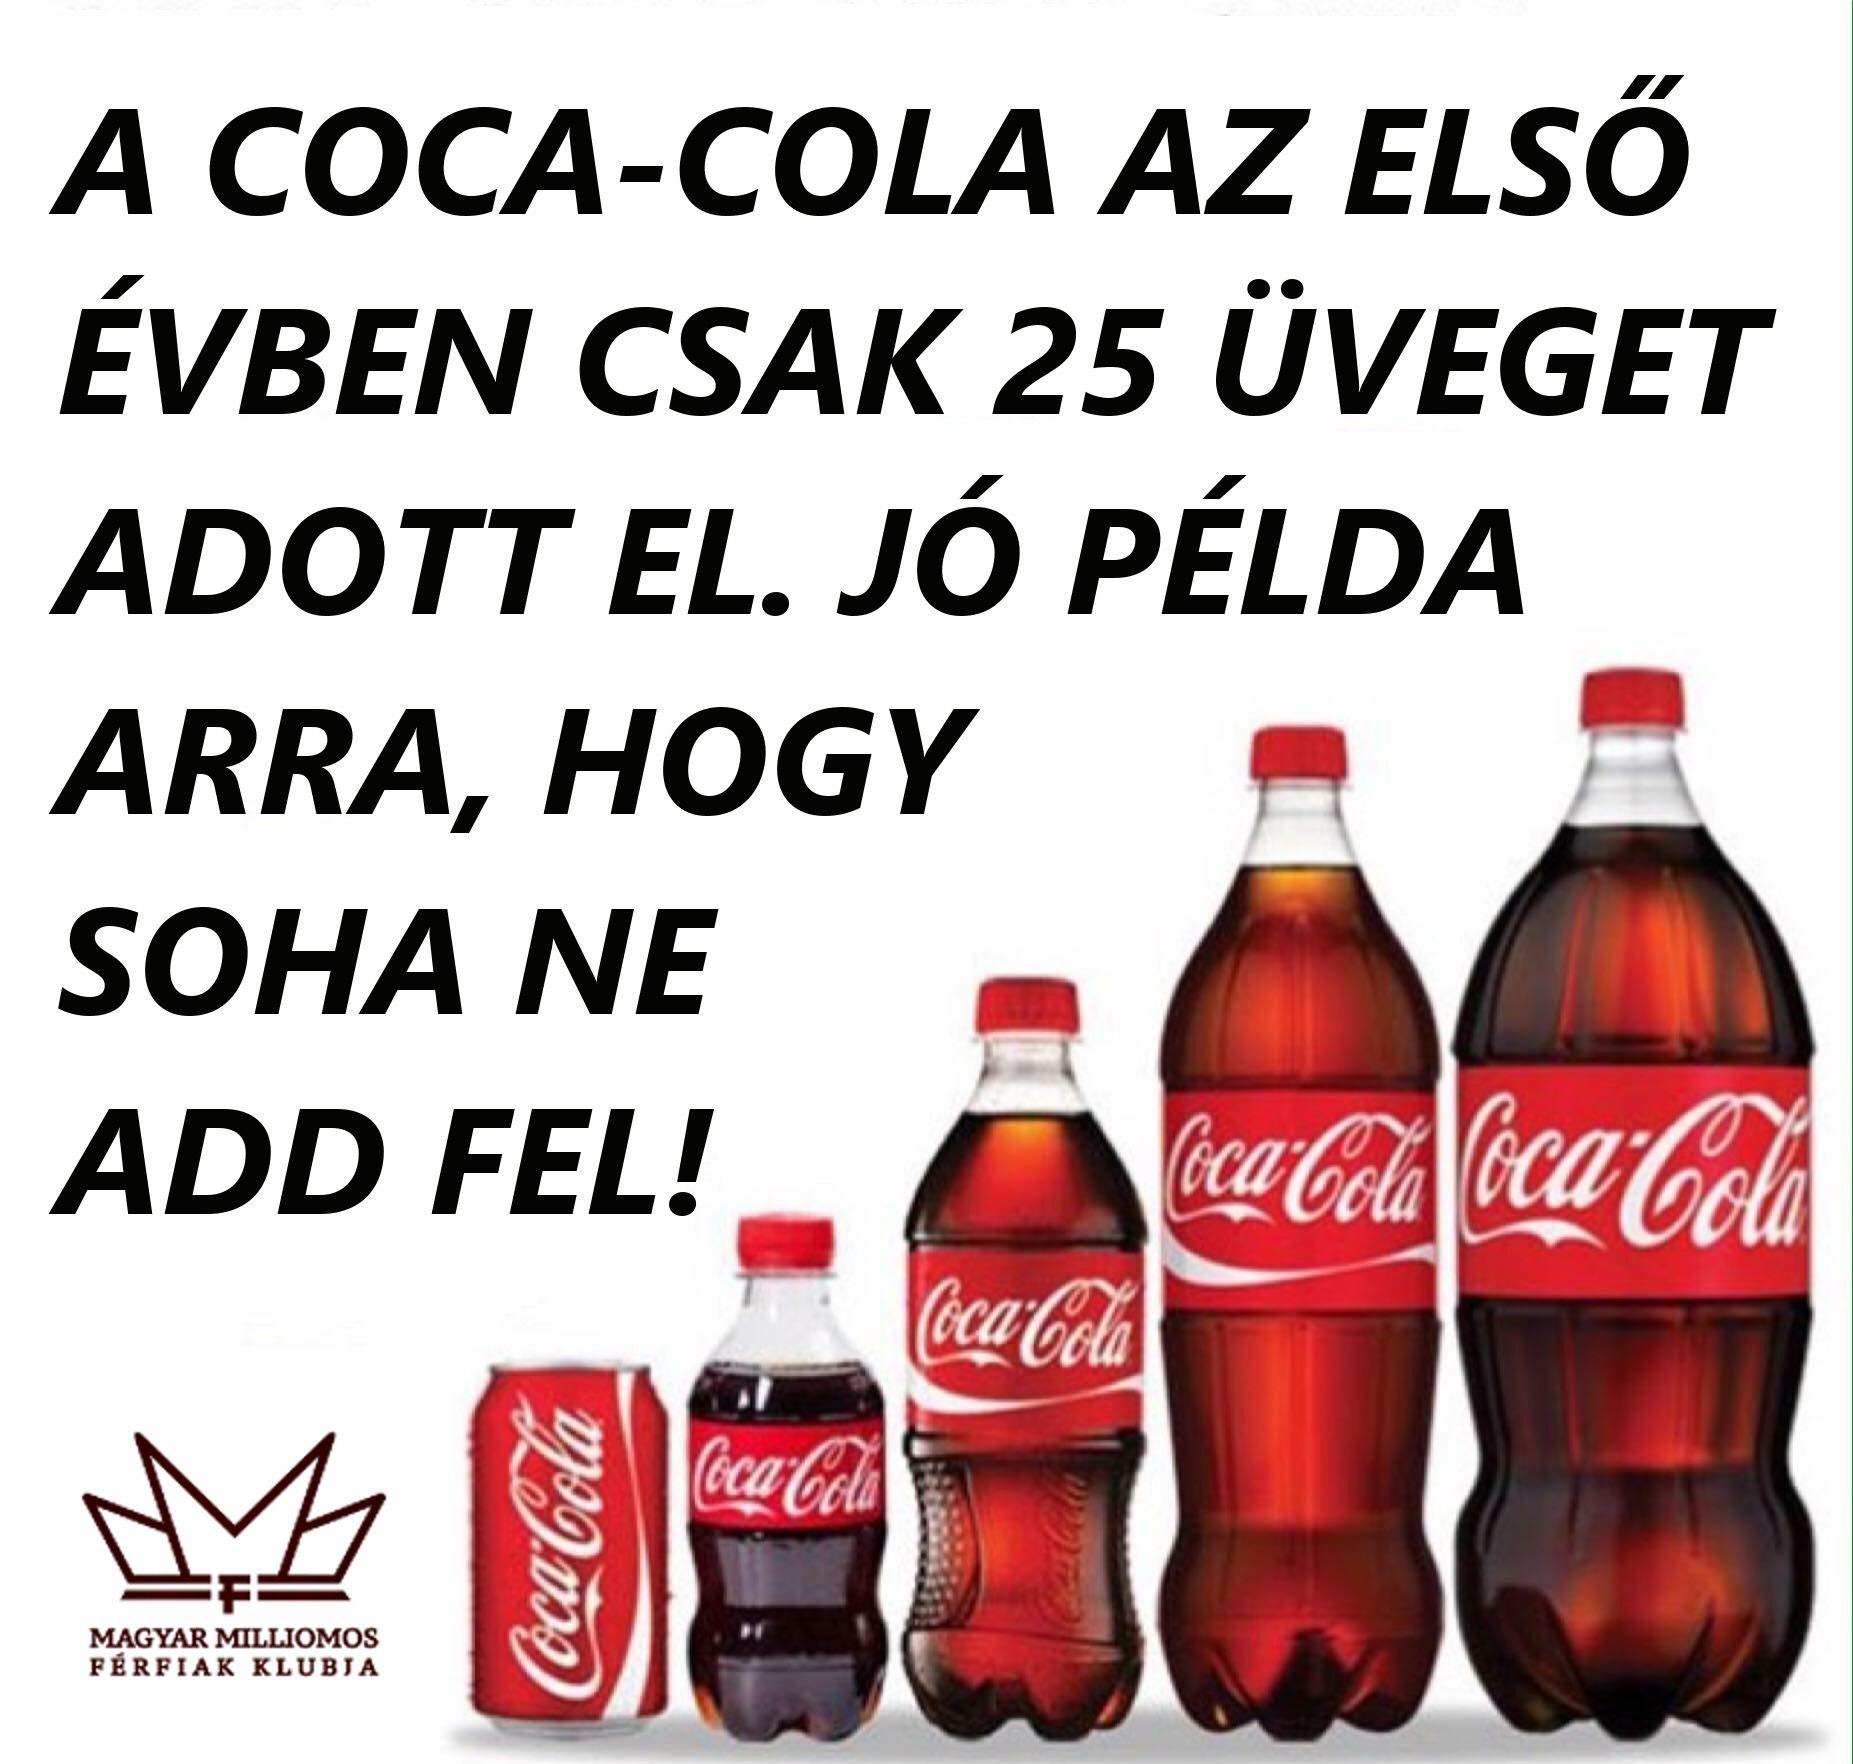 coca cola idézetek Ez egy jó példa arra, hogy soha ne add fel. | Hungarian quotes